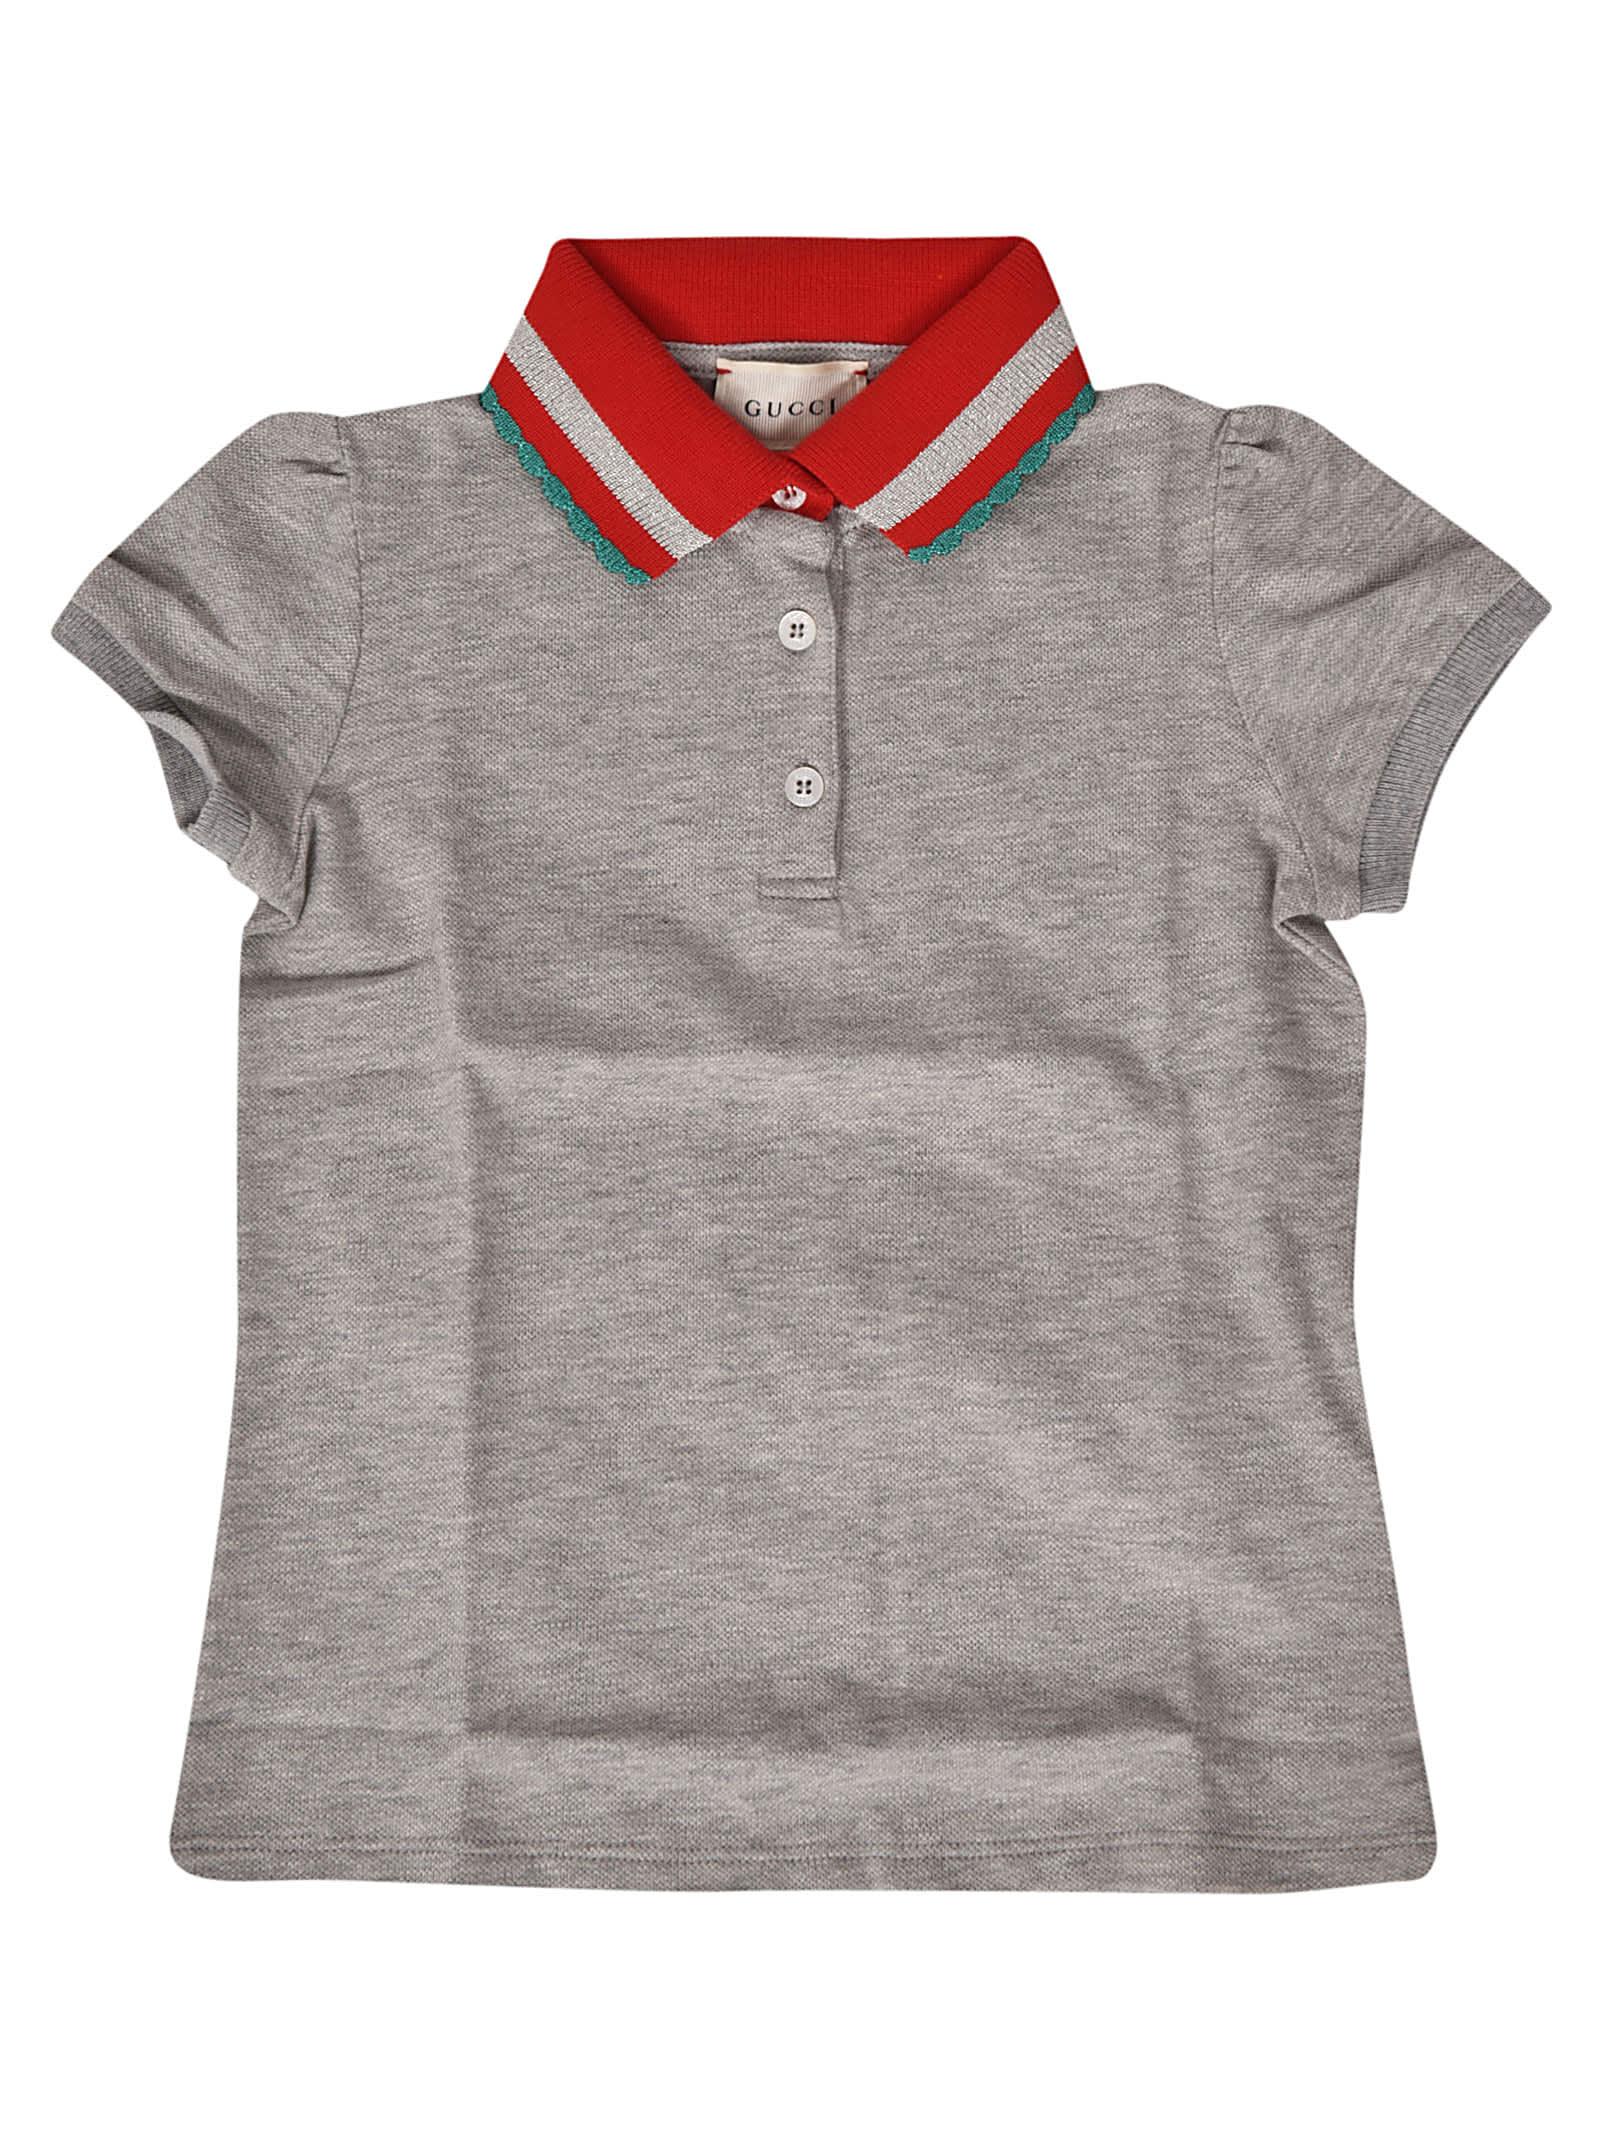 c8d88ec3fa55 Gucci Gucci Contrast Collar Polo Shirt - Grey - 10913758 | italist